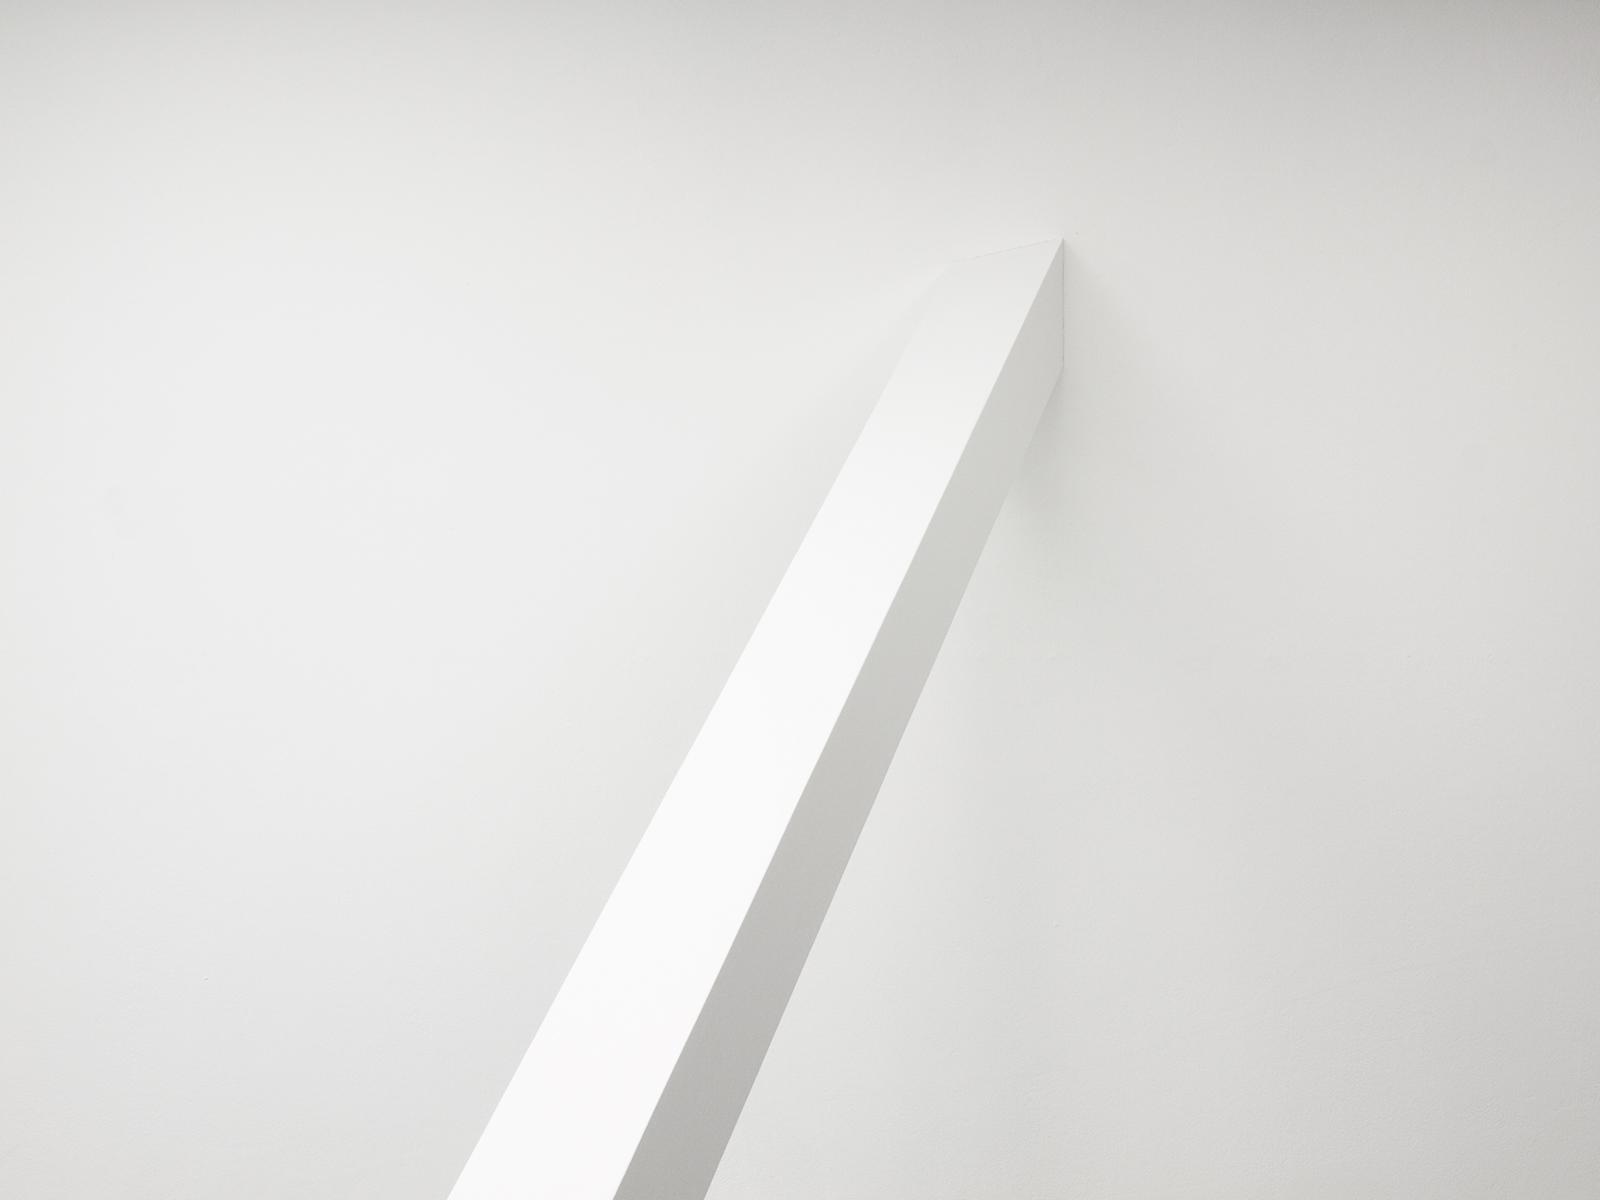 Benoit-Delaunay-artiste-installations-2010-Une Sculpture-04